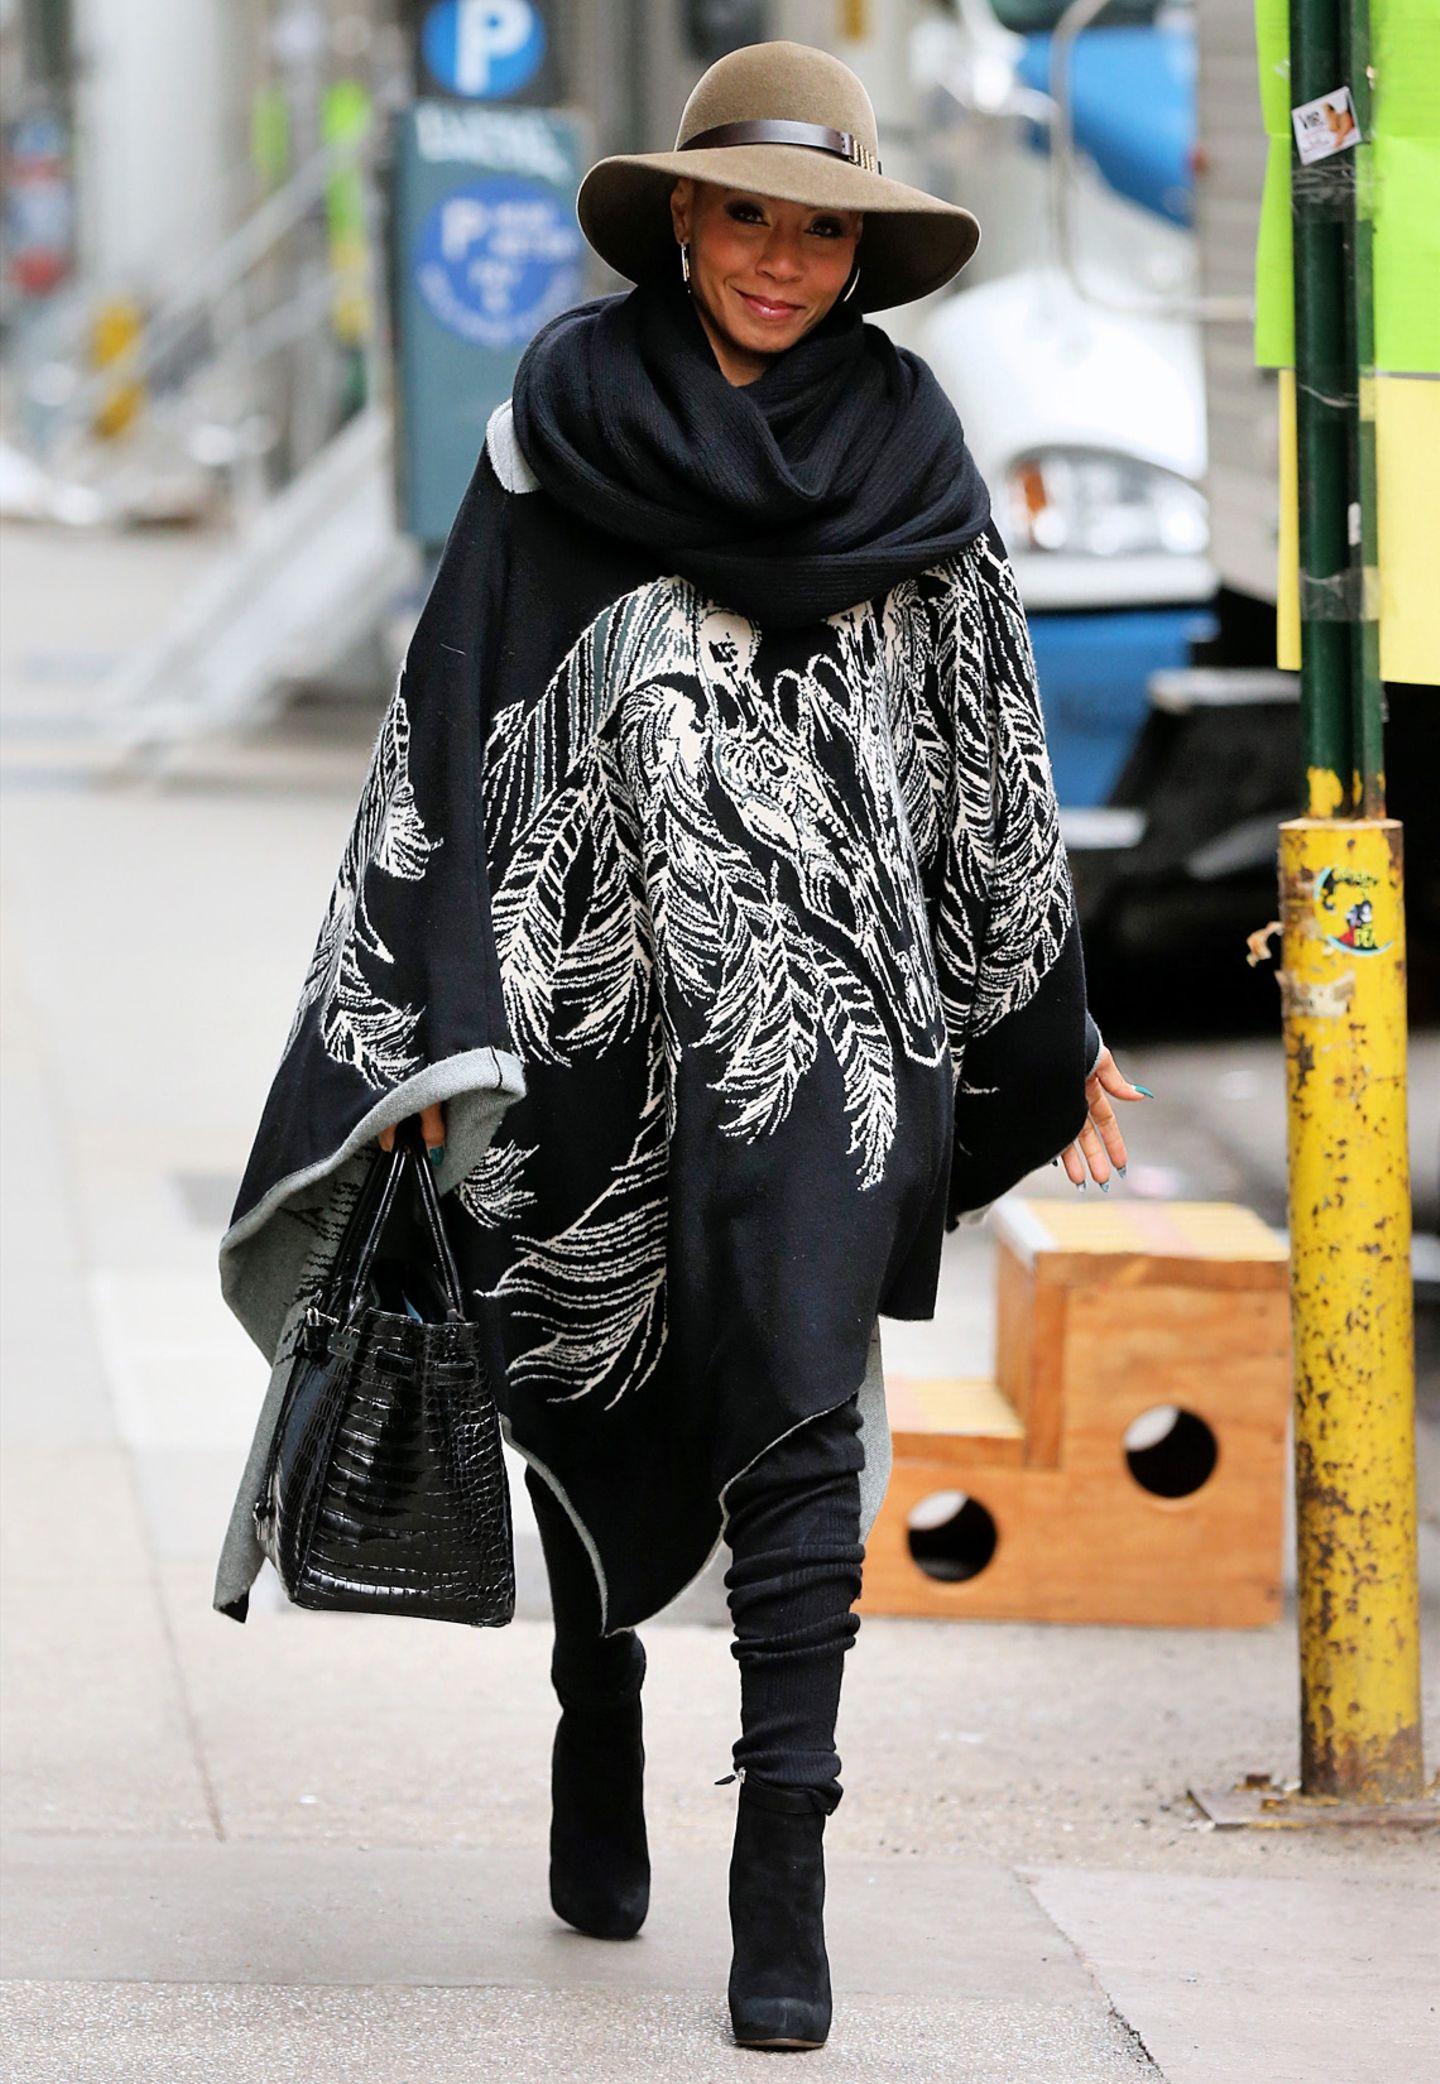 Jada Pinkett-Smith ist beim Shoppen in New York mit ihrem Wollumhang mit Feder-Vogel-Print bestens gewärmt.